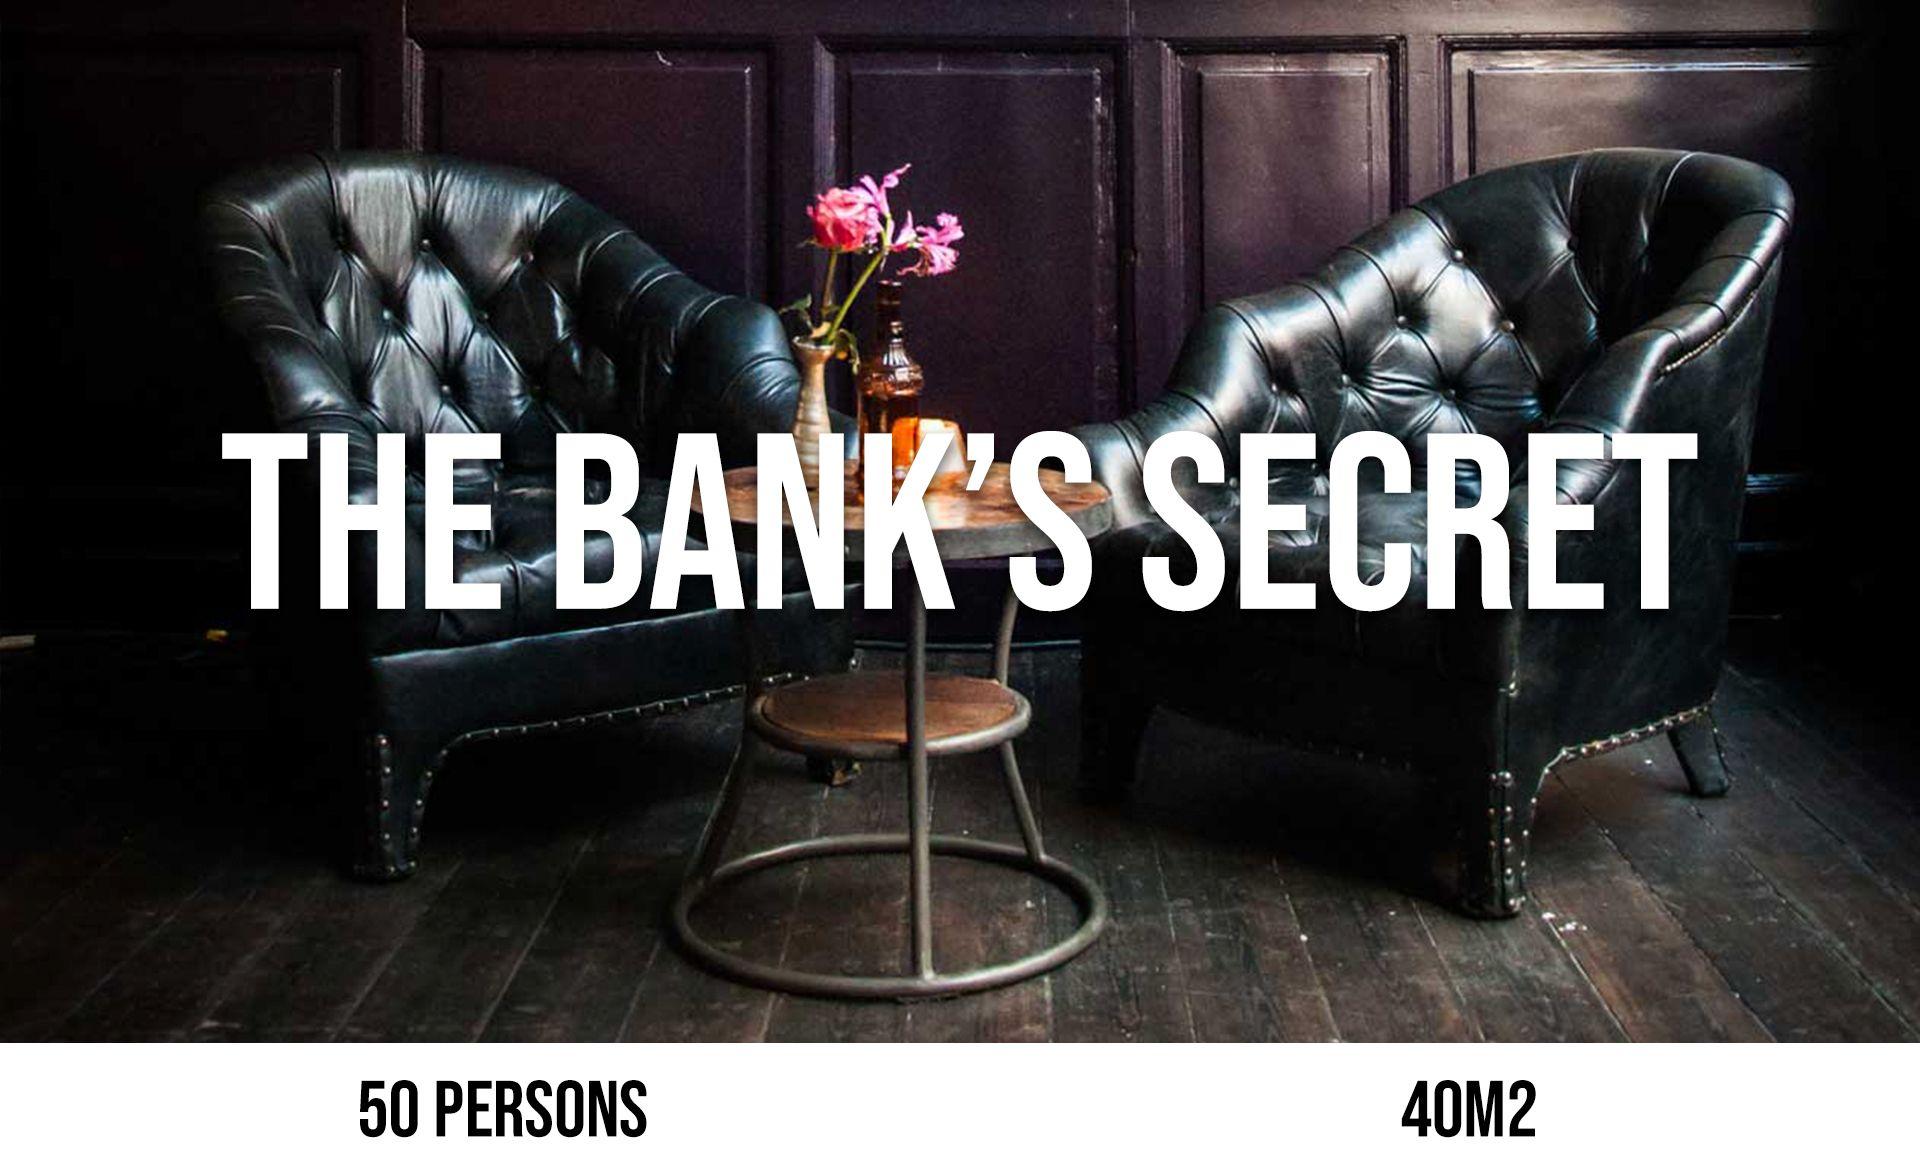 The Bank's Secret (maximum 50 persons, area 40 m²)